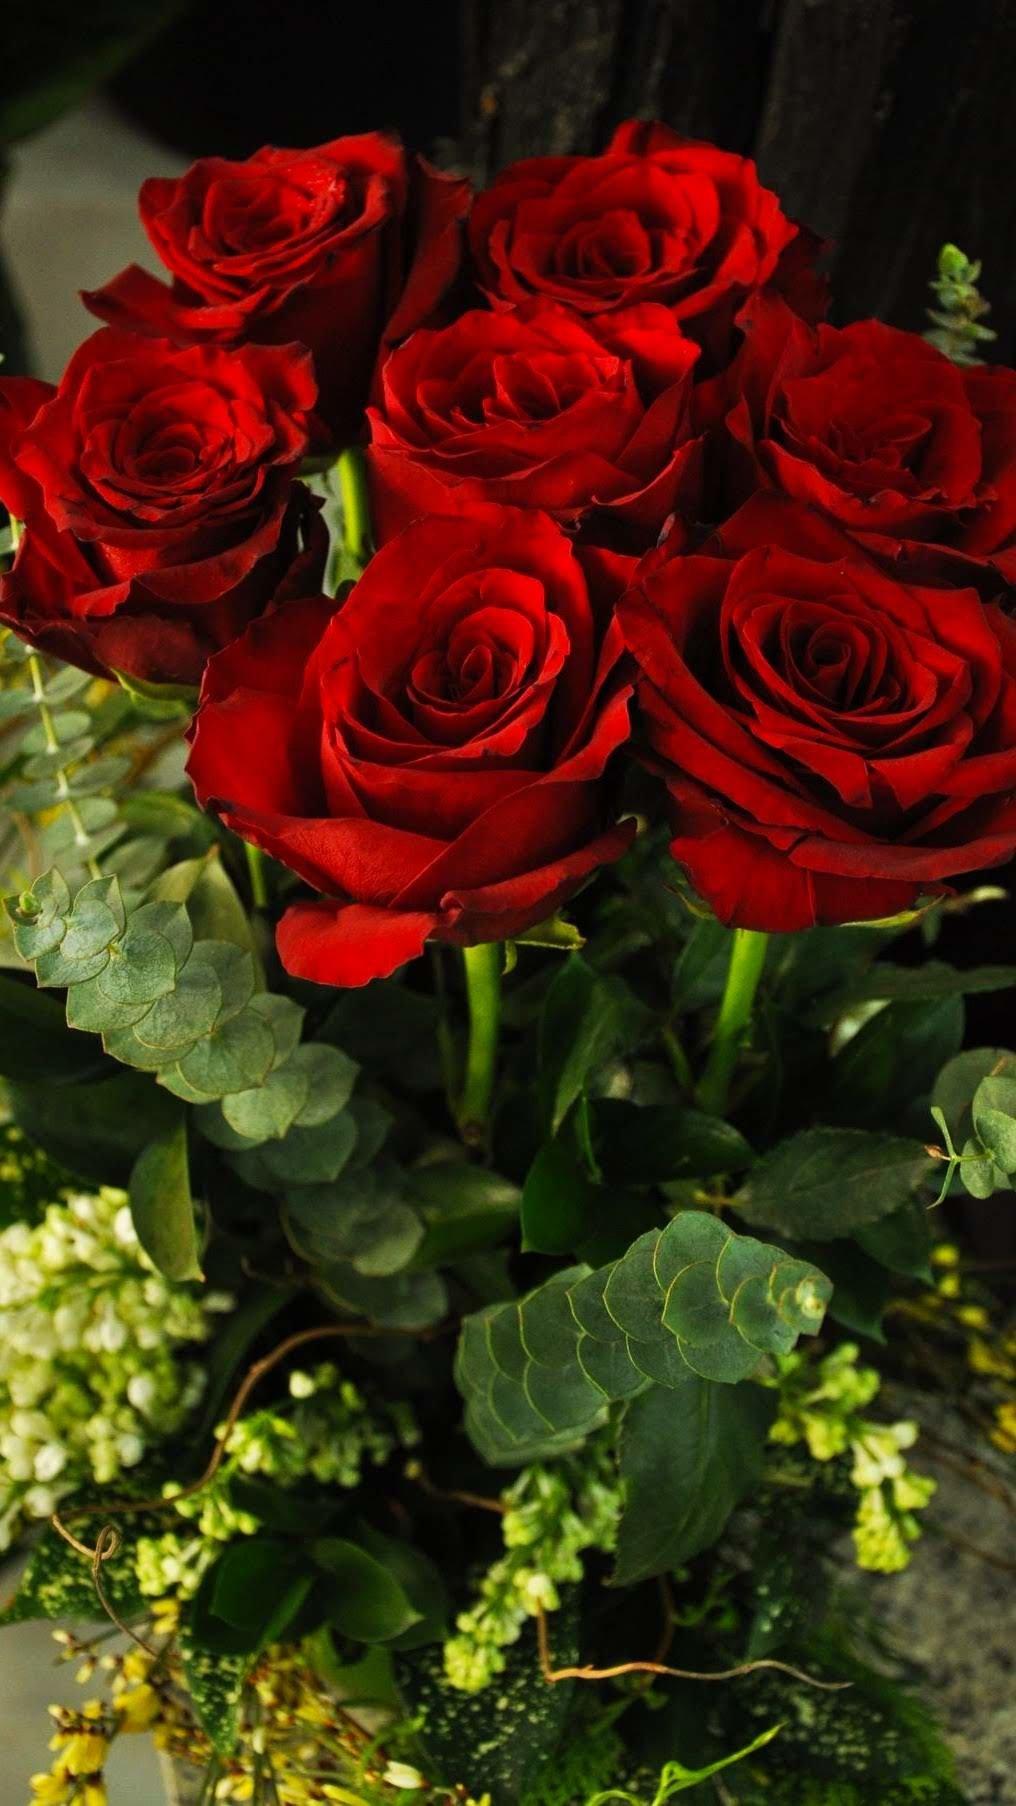 картинки розы от саши йейл был